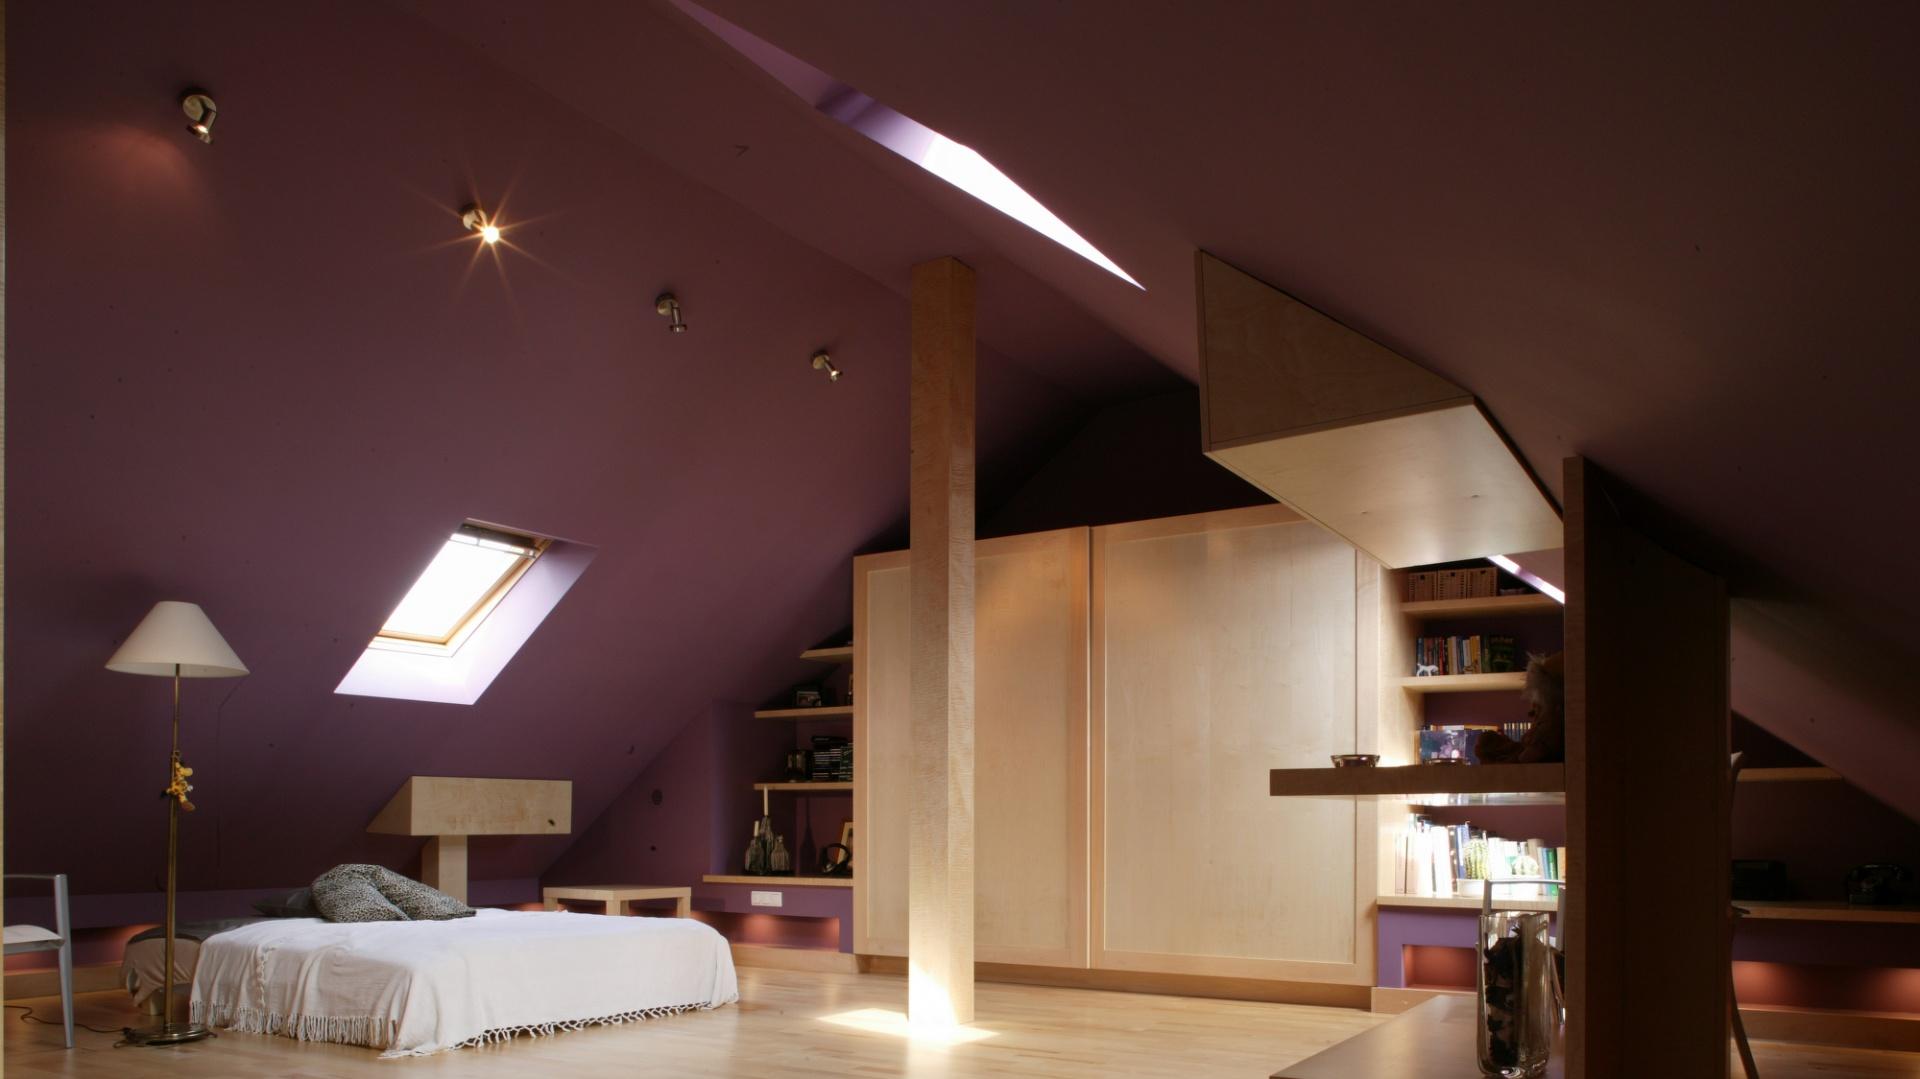 Proste, wyłącznie niezbędne meble zostały wykonane z jasnego, kontrastującego z mocnym kolorem ścian, klonu. Fot. Monika Filipiuk.